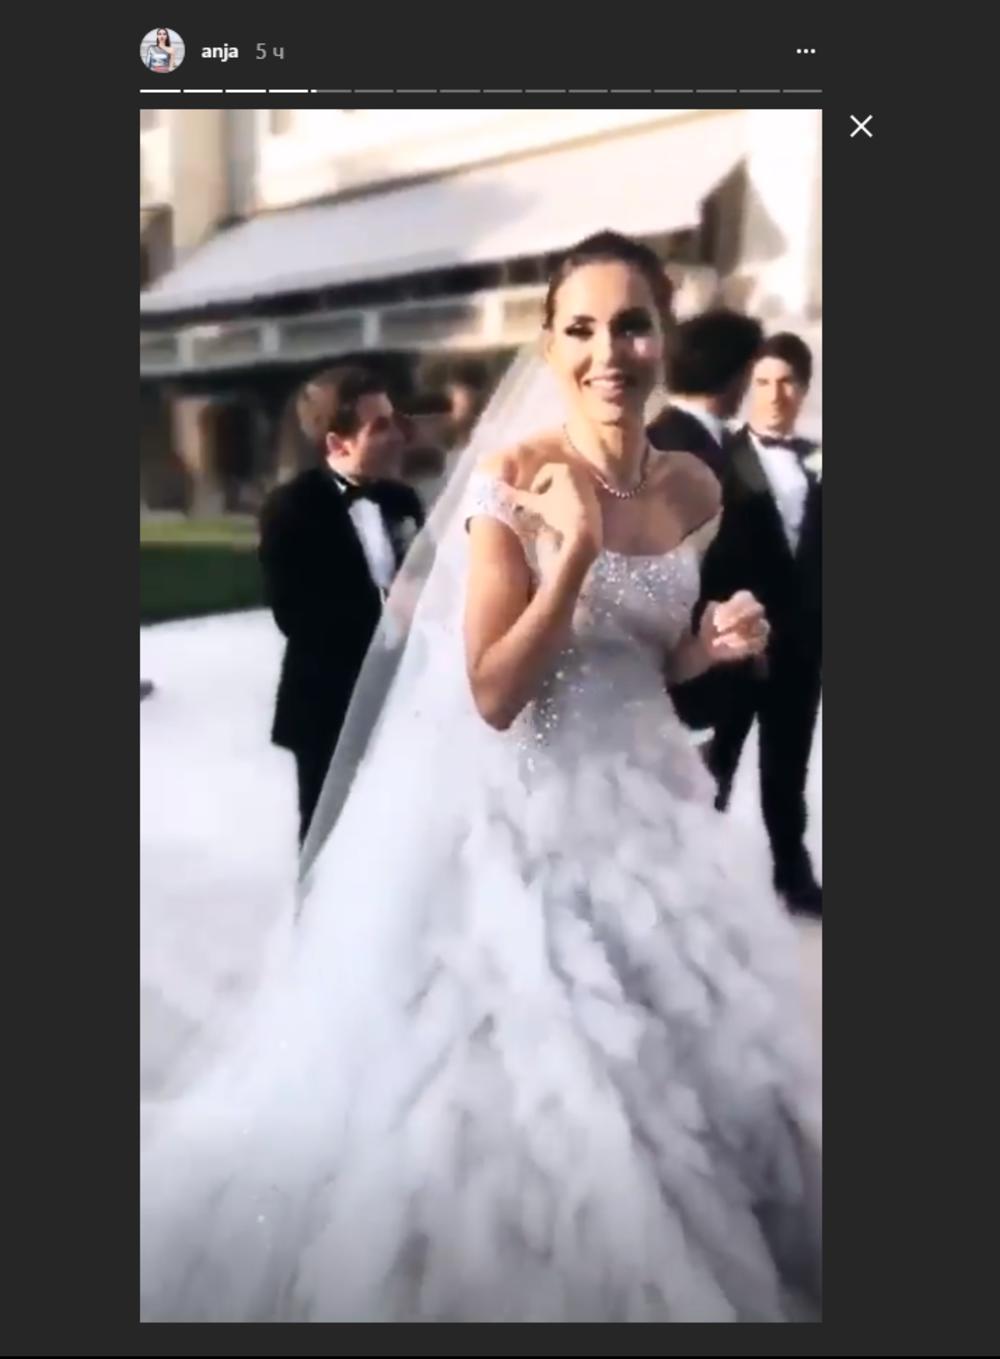 Luksuzno venčanje Anje Stojković